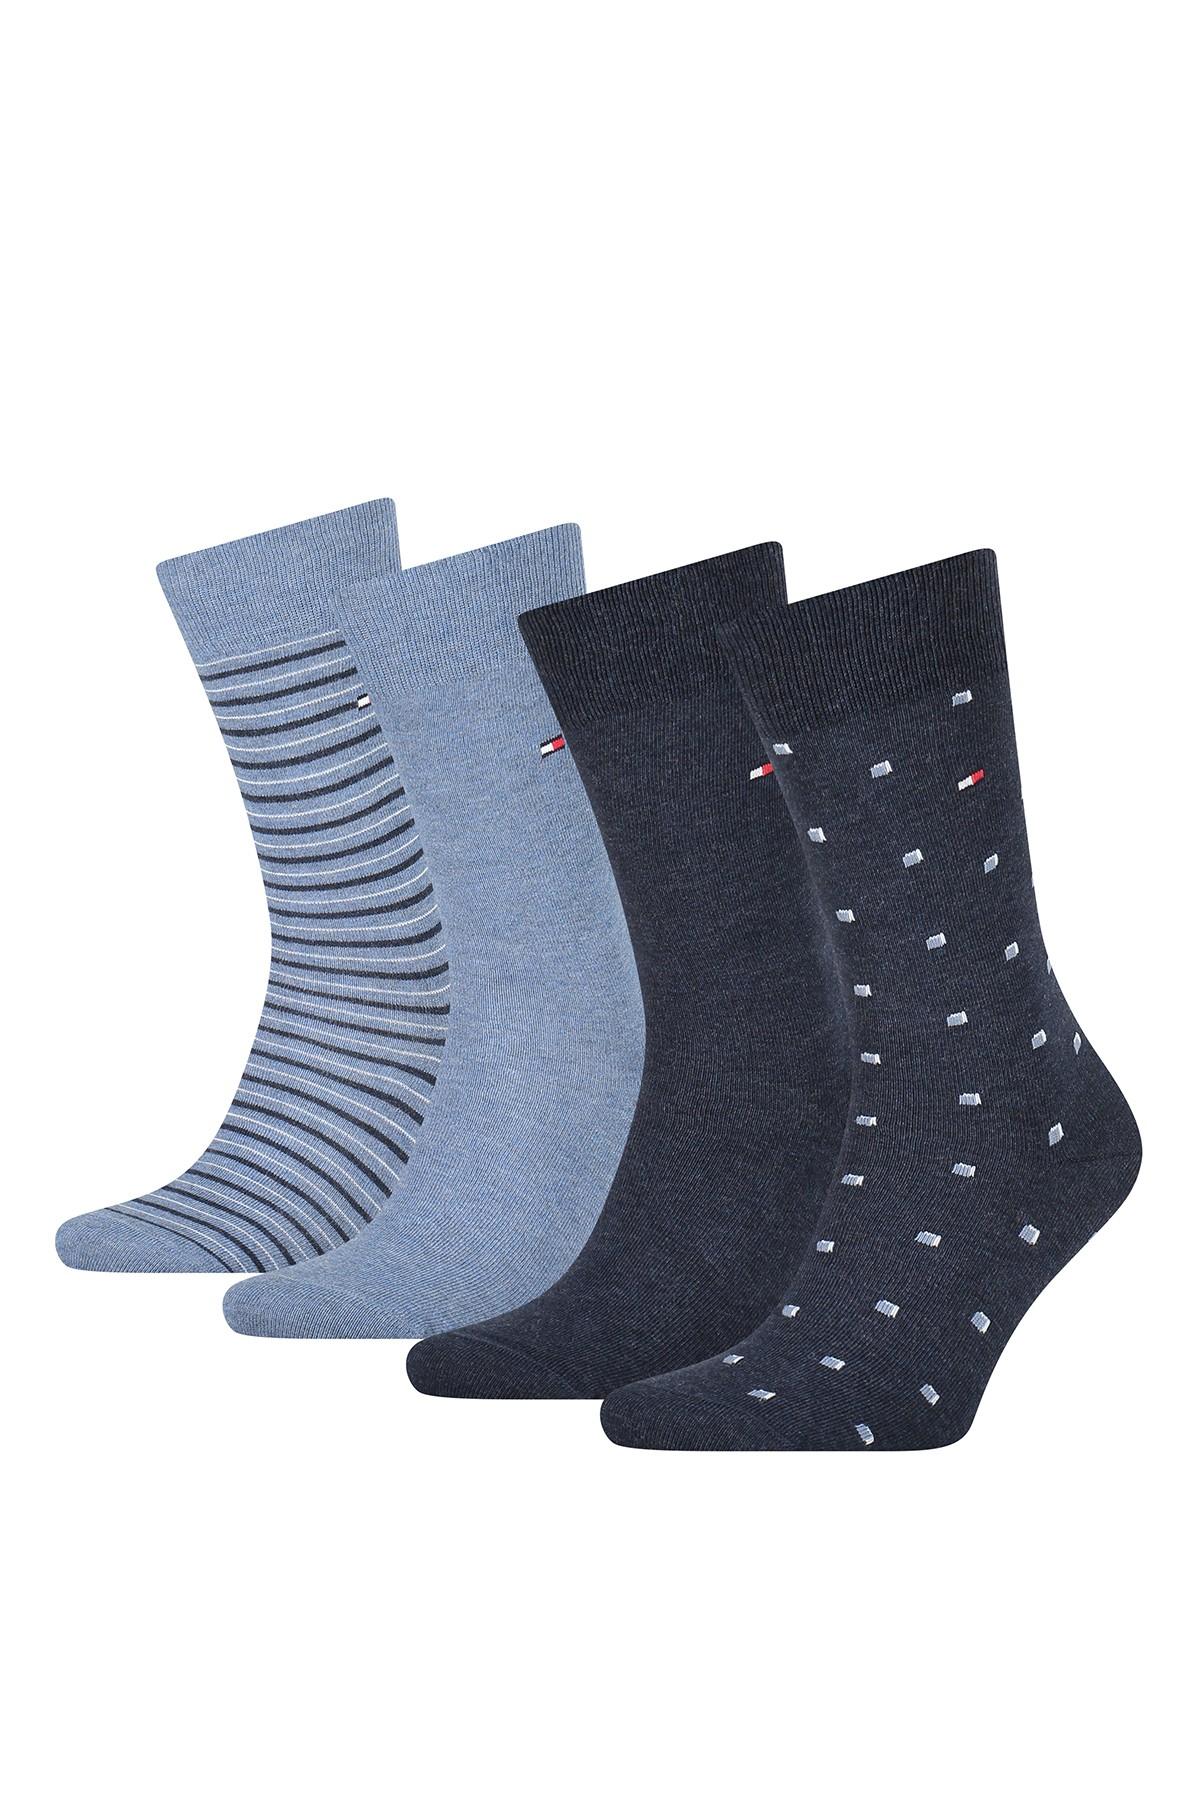 Socks in gift box 100002214-full-1